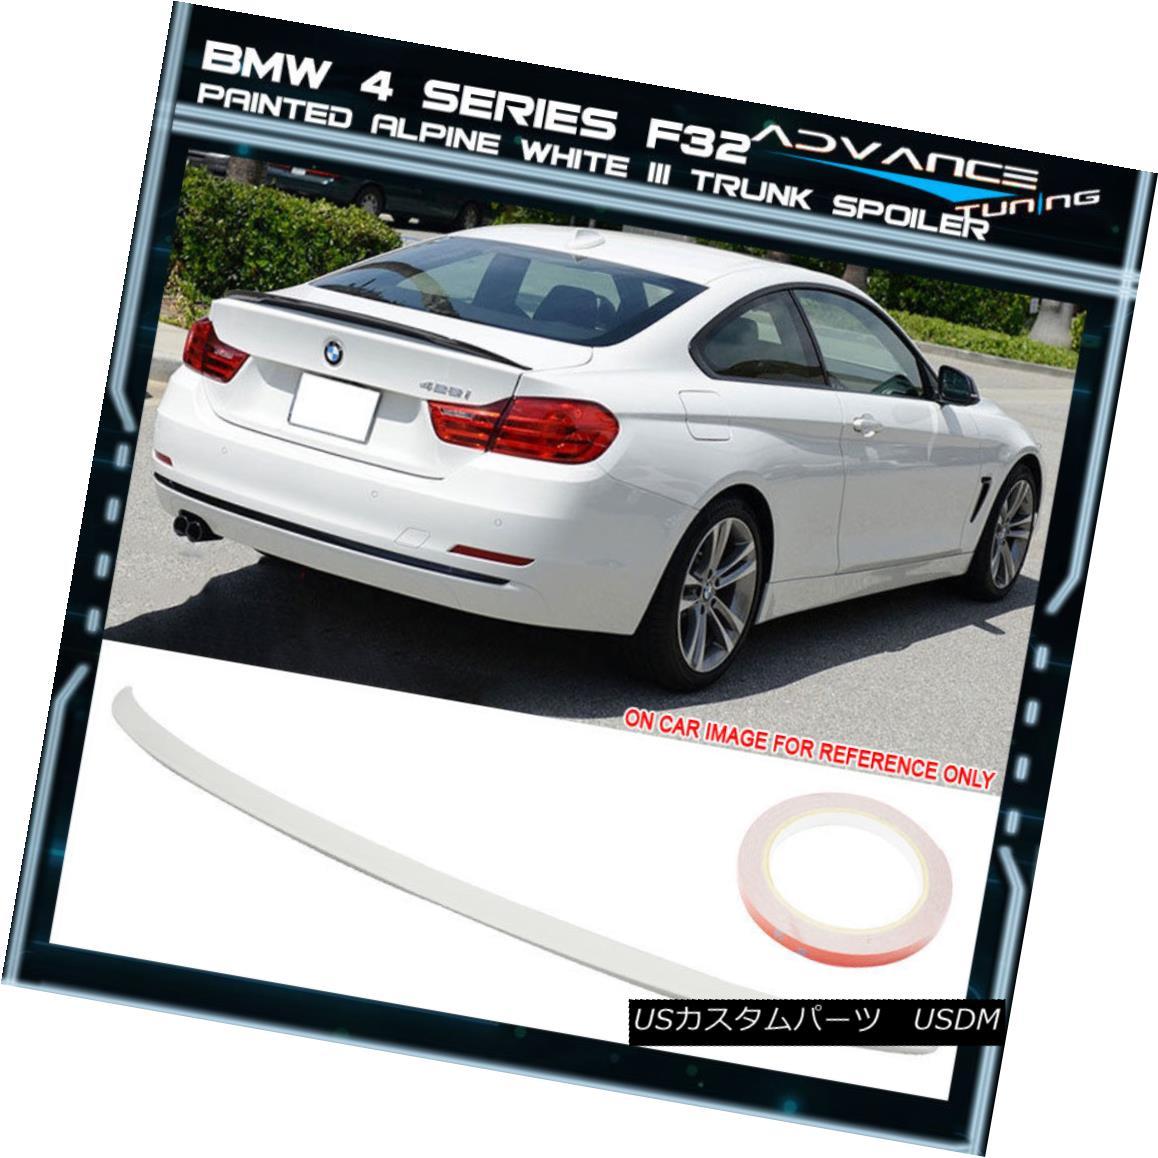 エアロパーツ 14-17 BMW 4 Series F32 Trunk Spoiler OEM Painted Color Alpine White Iii #300 14-17 BMW 4シリーズF32トランク・スポイラーOEM塗装カラーアルパイン・ホワイトIii#300